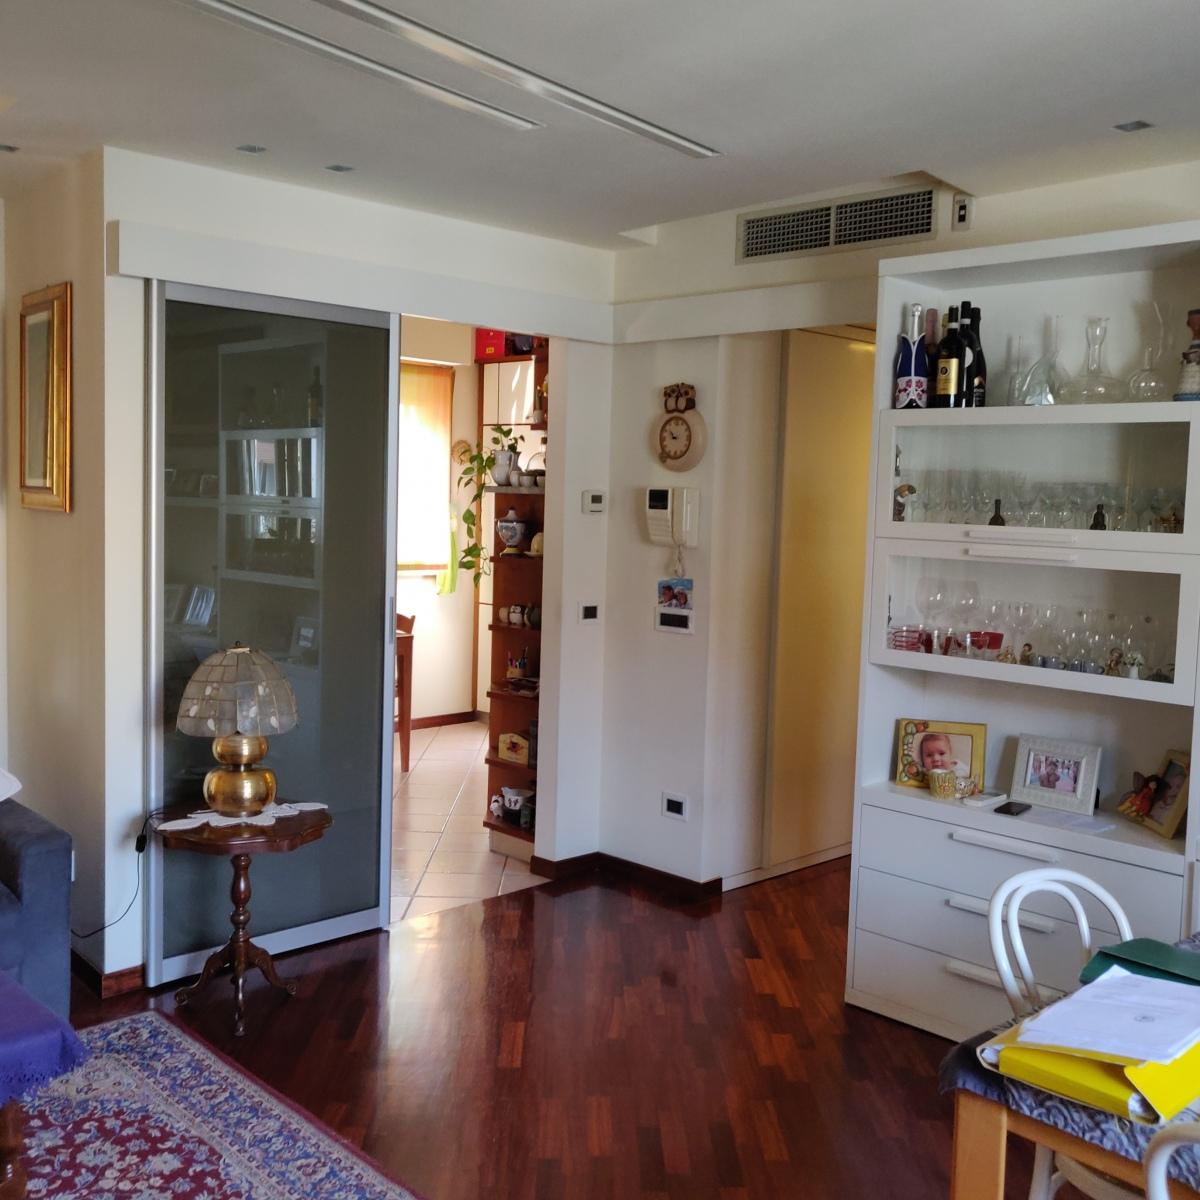 appartamento-in-vendita-a-baggio-via-cassolnovo-bagarotti-3-locali-milano-trilocale-spaziourbano-immobiliare-vende-14